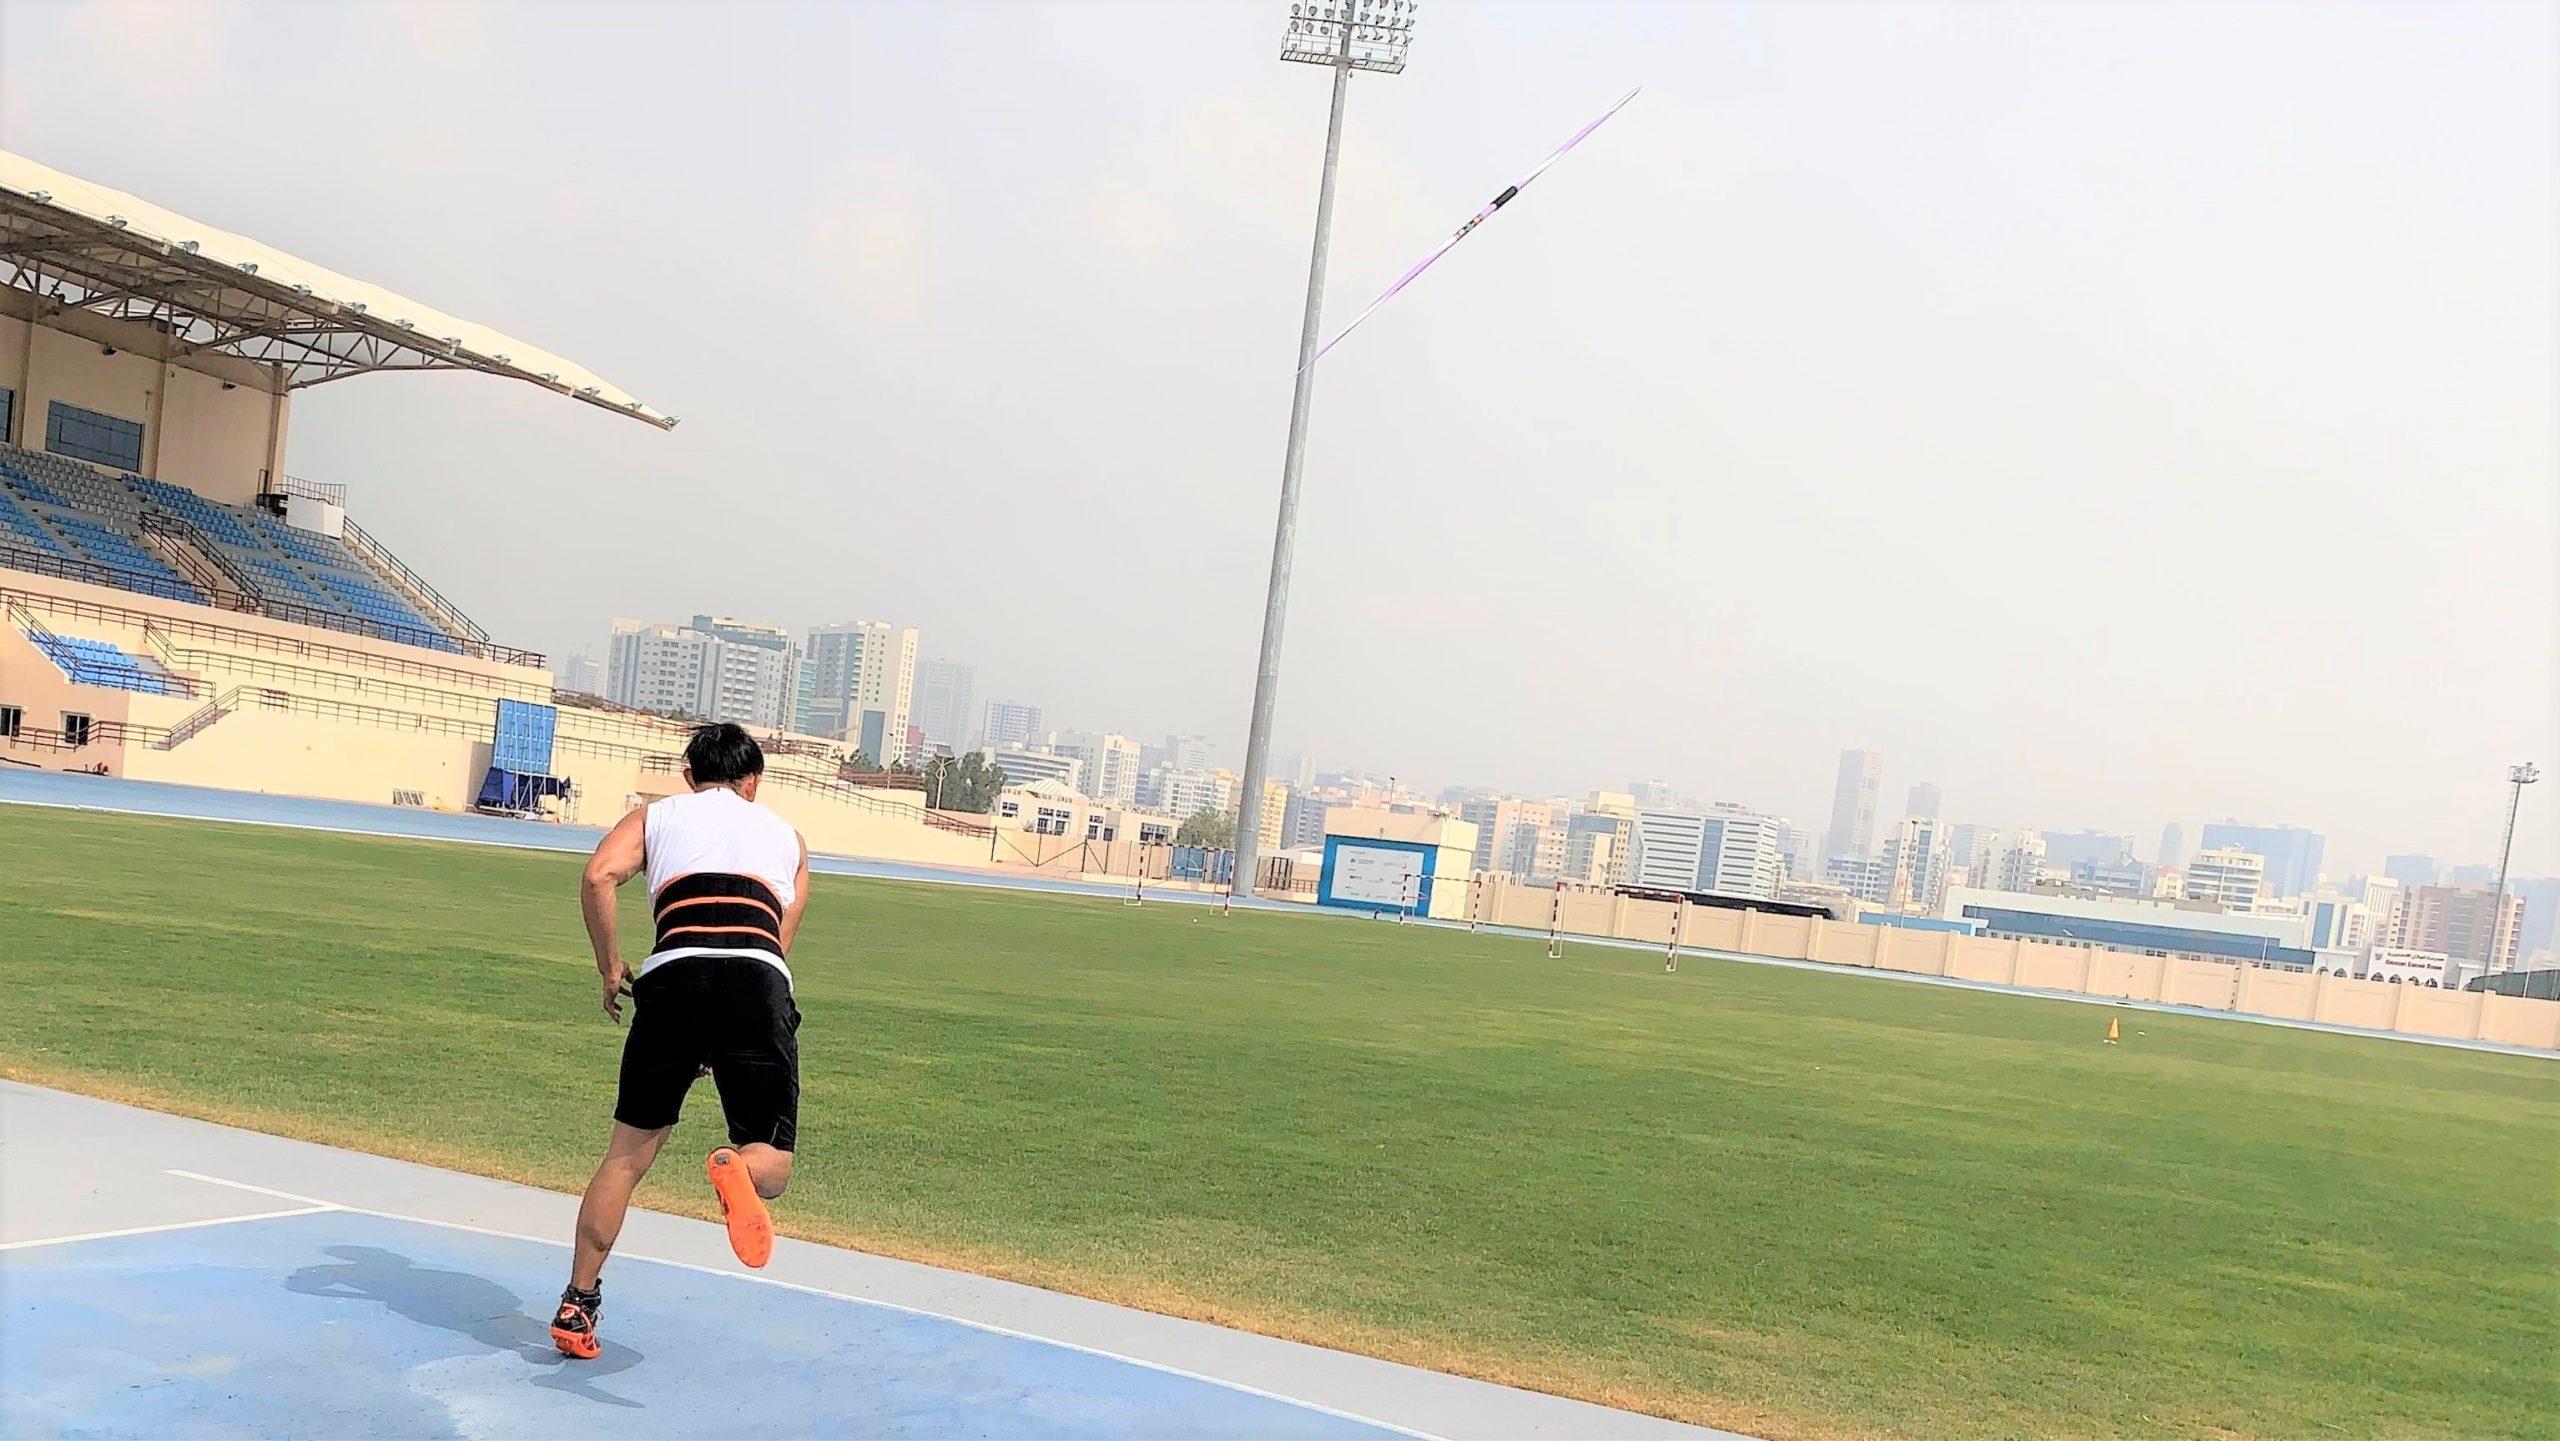 若生選手がドバイの陸上競技場でやりを投げた直後を後ろから撮影した画像